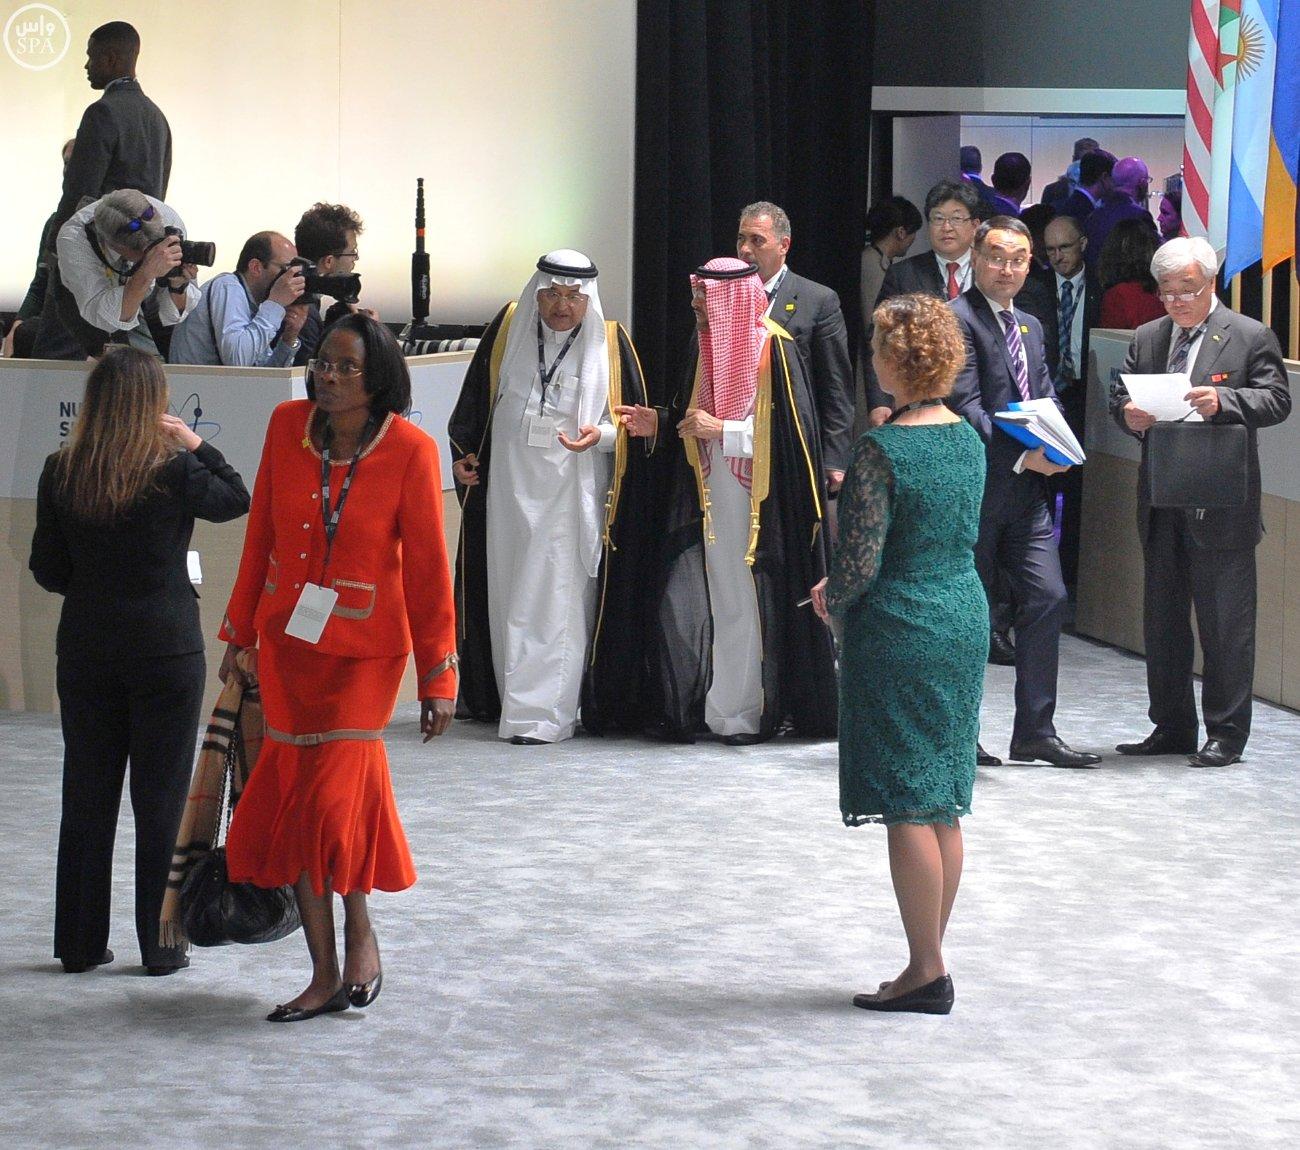 المملكة تتبرع بمبلغ 10 ملايين دولار لإنشاء مركز متخصص لمكافحة الإرهاب النووي في فيينا (2)